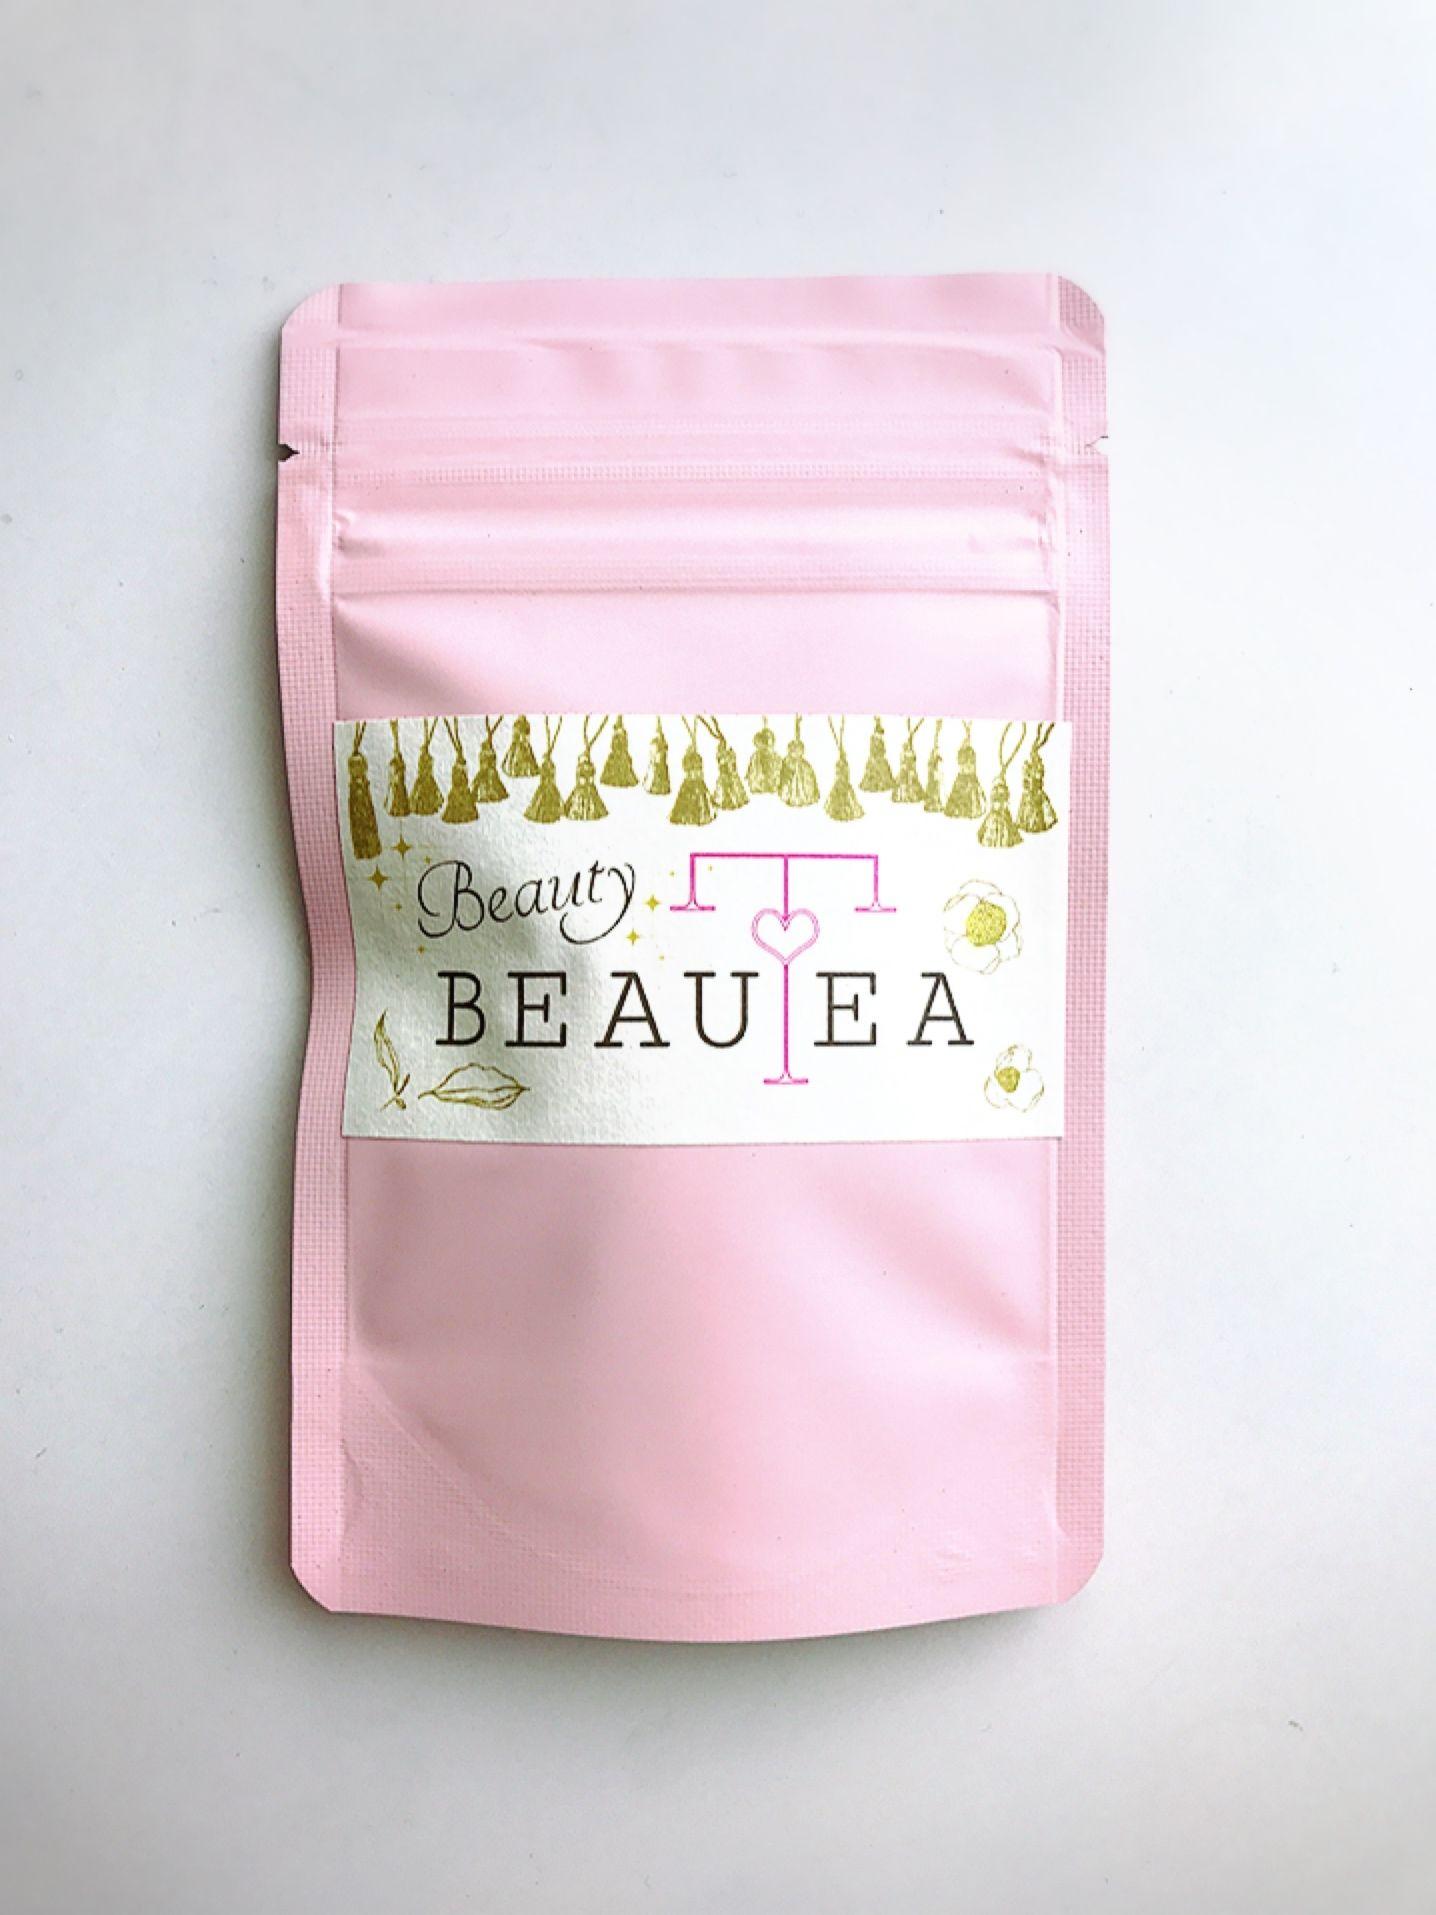 薬膳茶*Beauty BEAUTEAティーバッグ5個入りプチパック(ピンク)2点まで郵送 ◆3点以上は宅急便となります